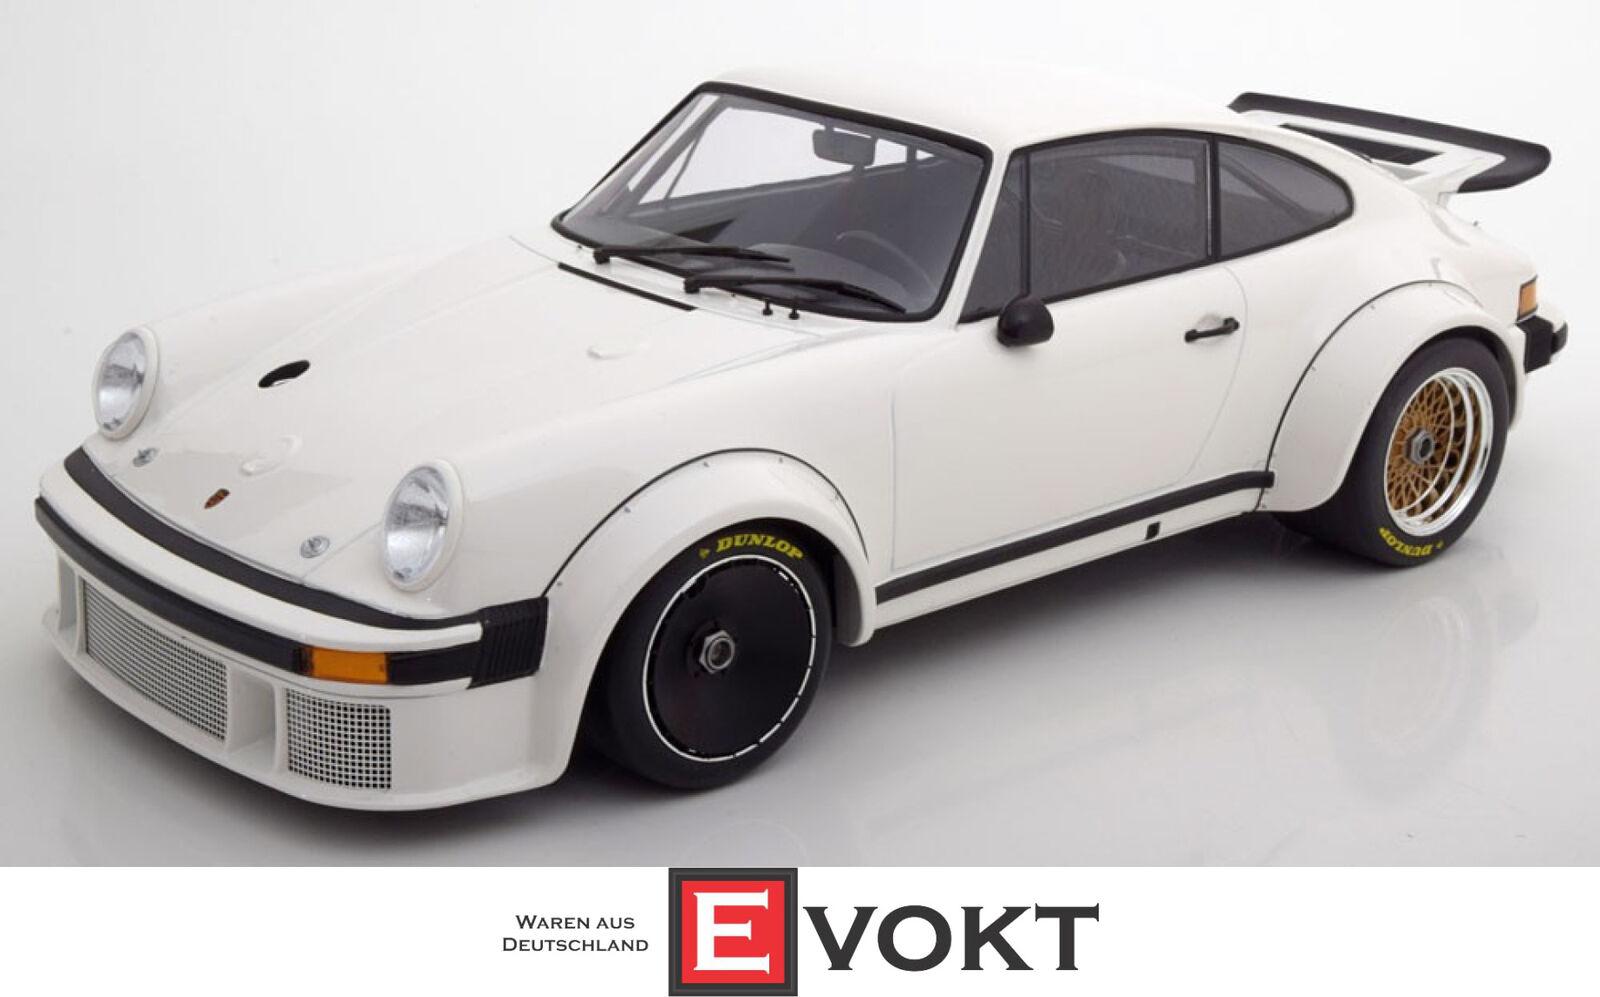 1:12 Minichamps Porsche 934 1976 bianca bianca bianca 2ae28d